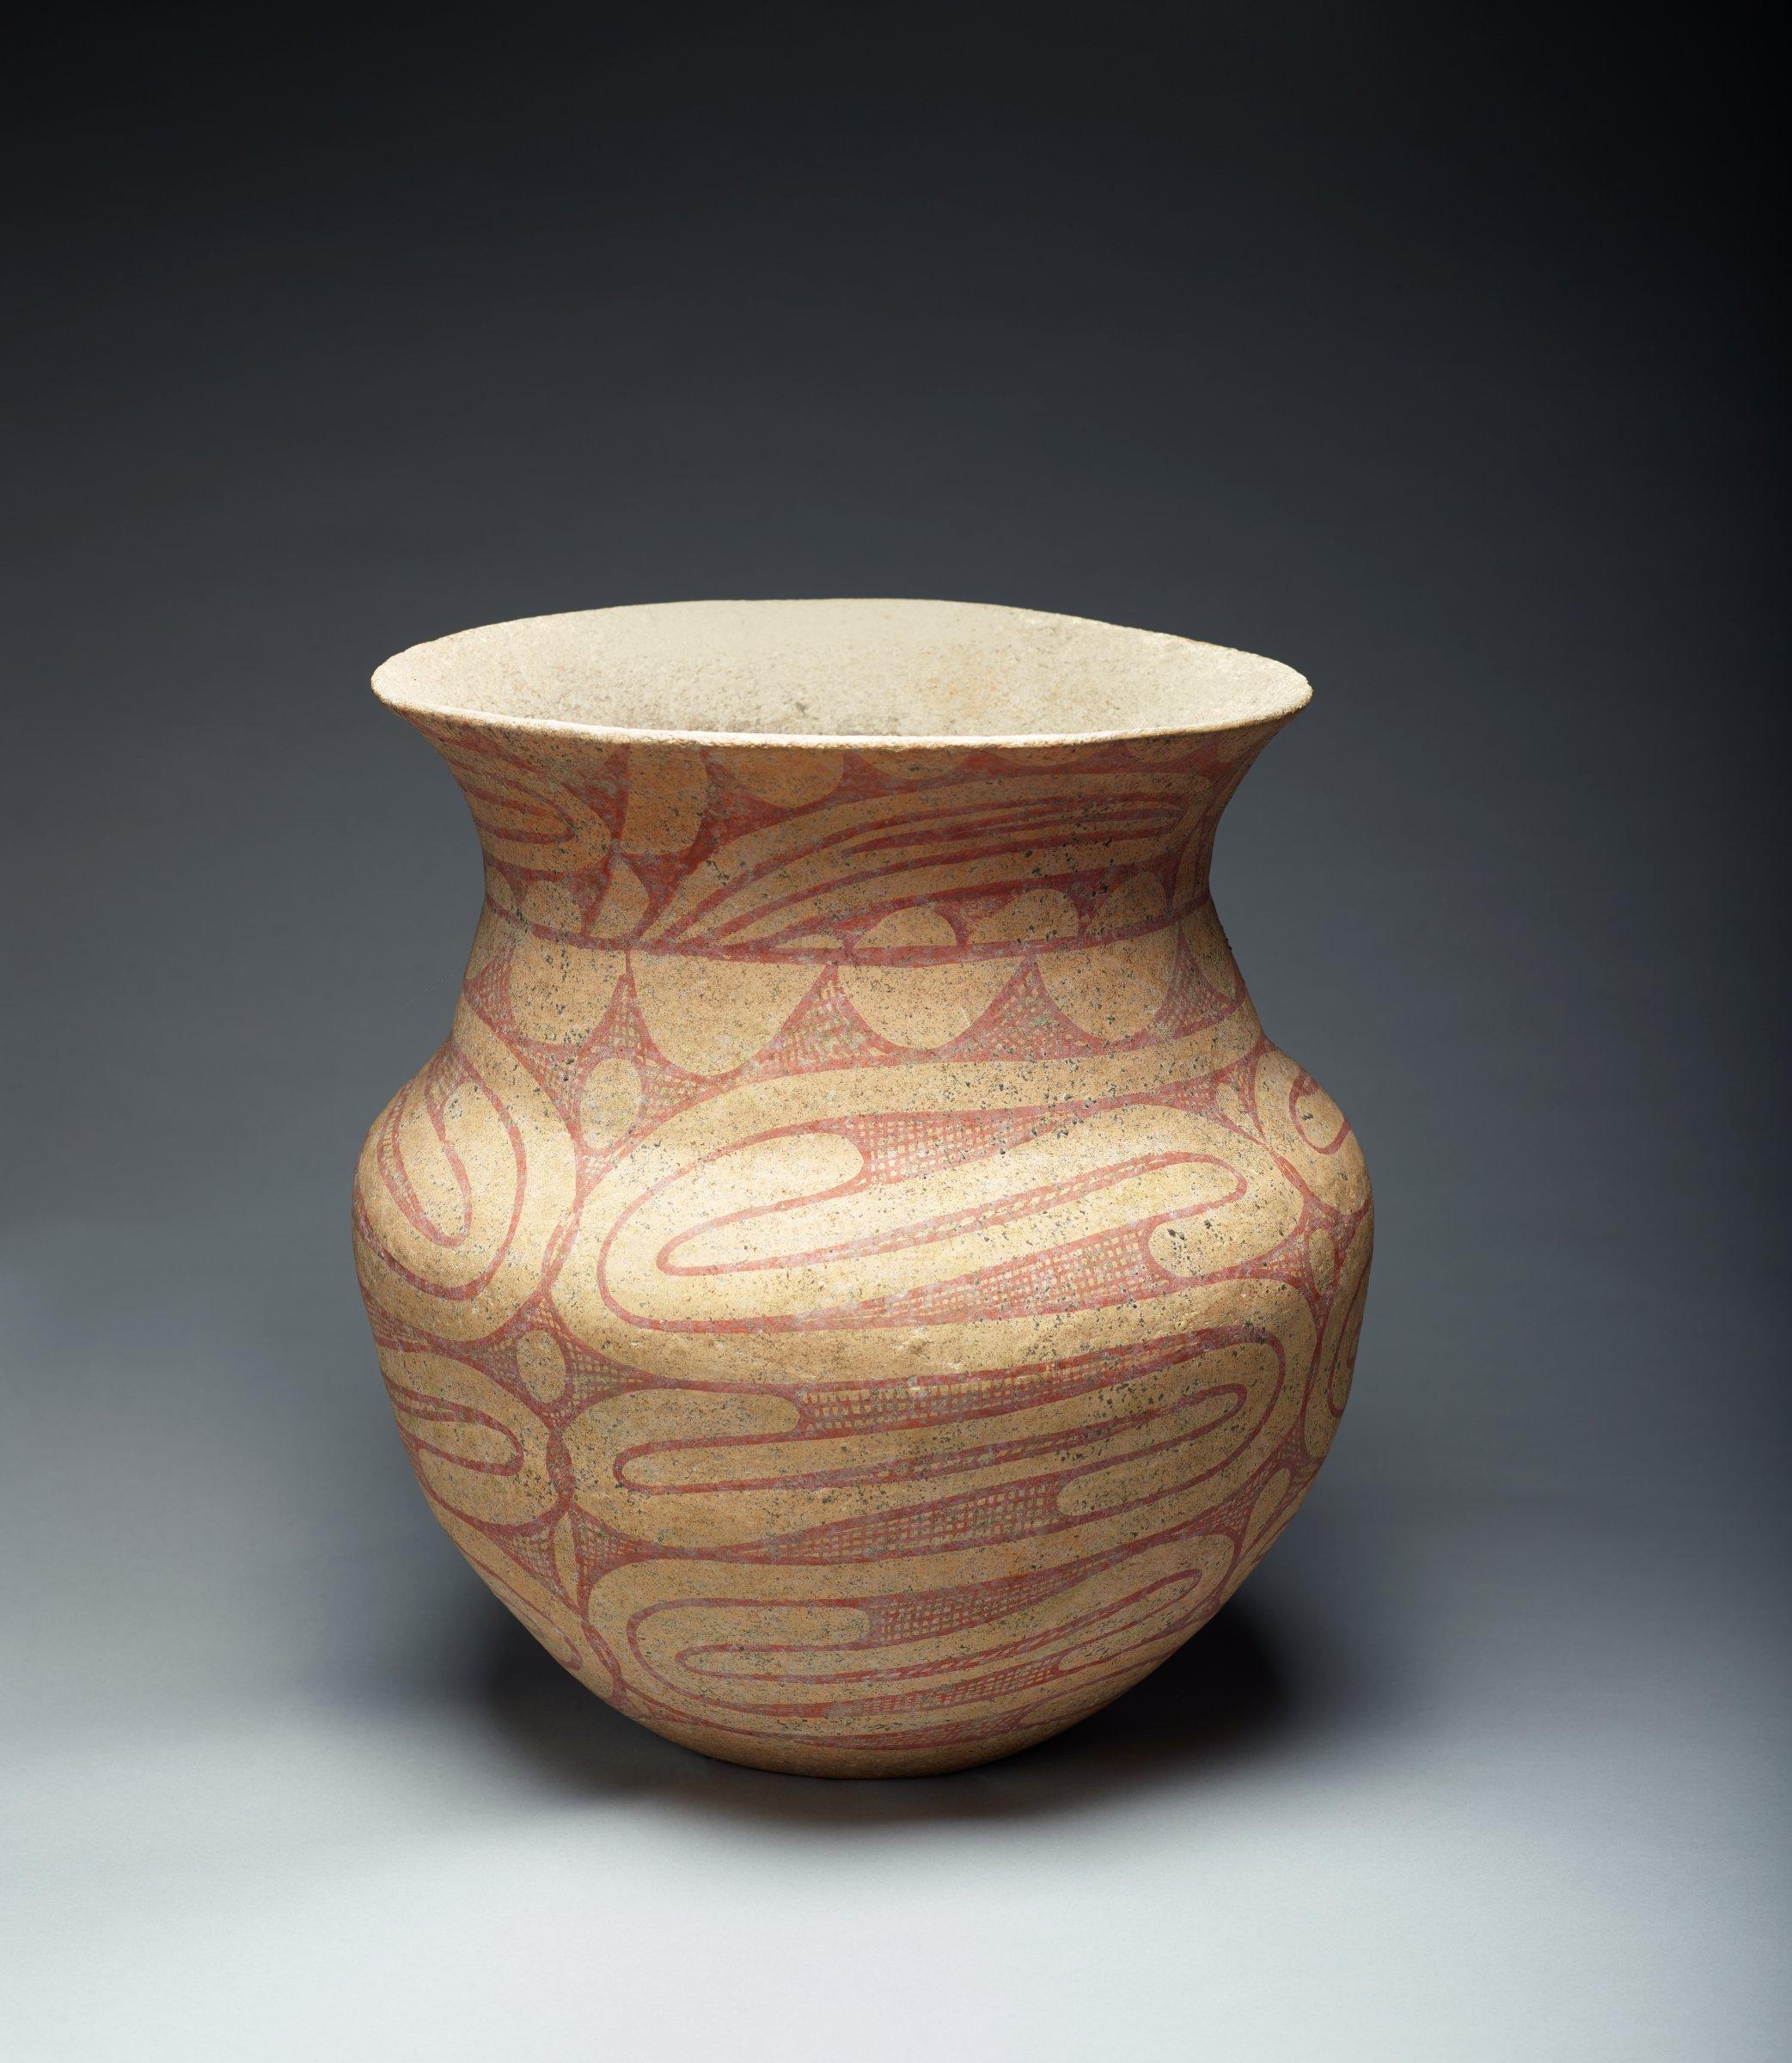 Pot, Thailand, ceramic